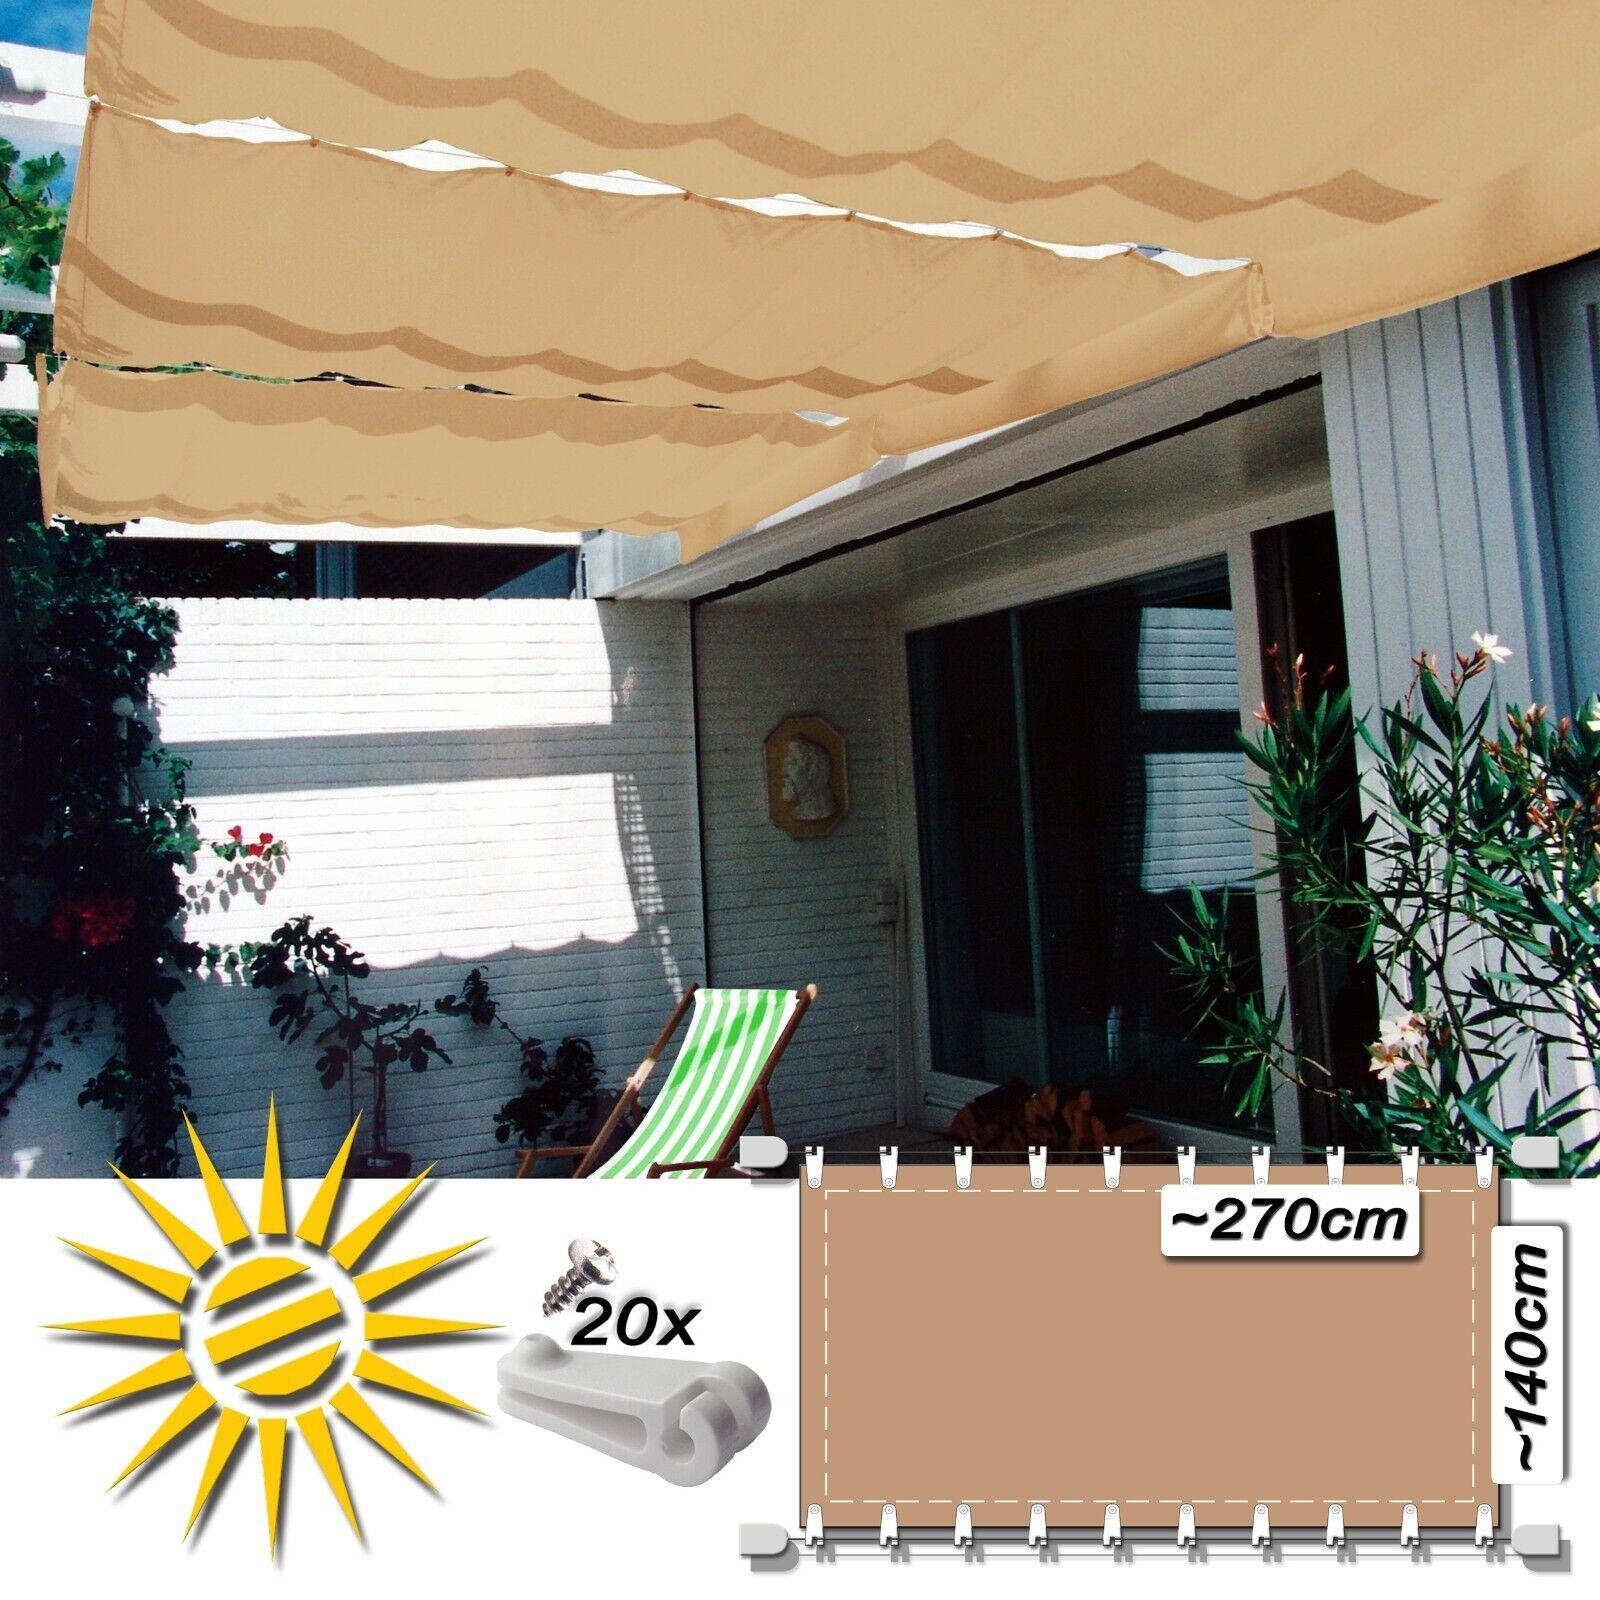 Corda serraggio Tenda sabbia ca 270x140 cm Pergola COMPLETO set20 CORSA gancio vela parasole